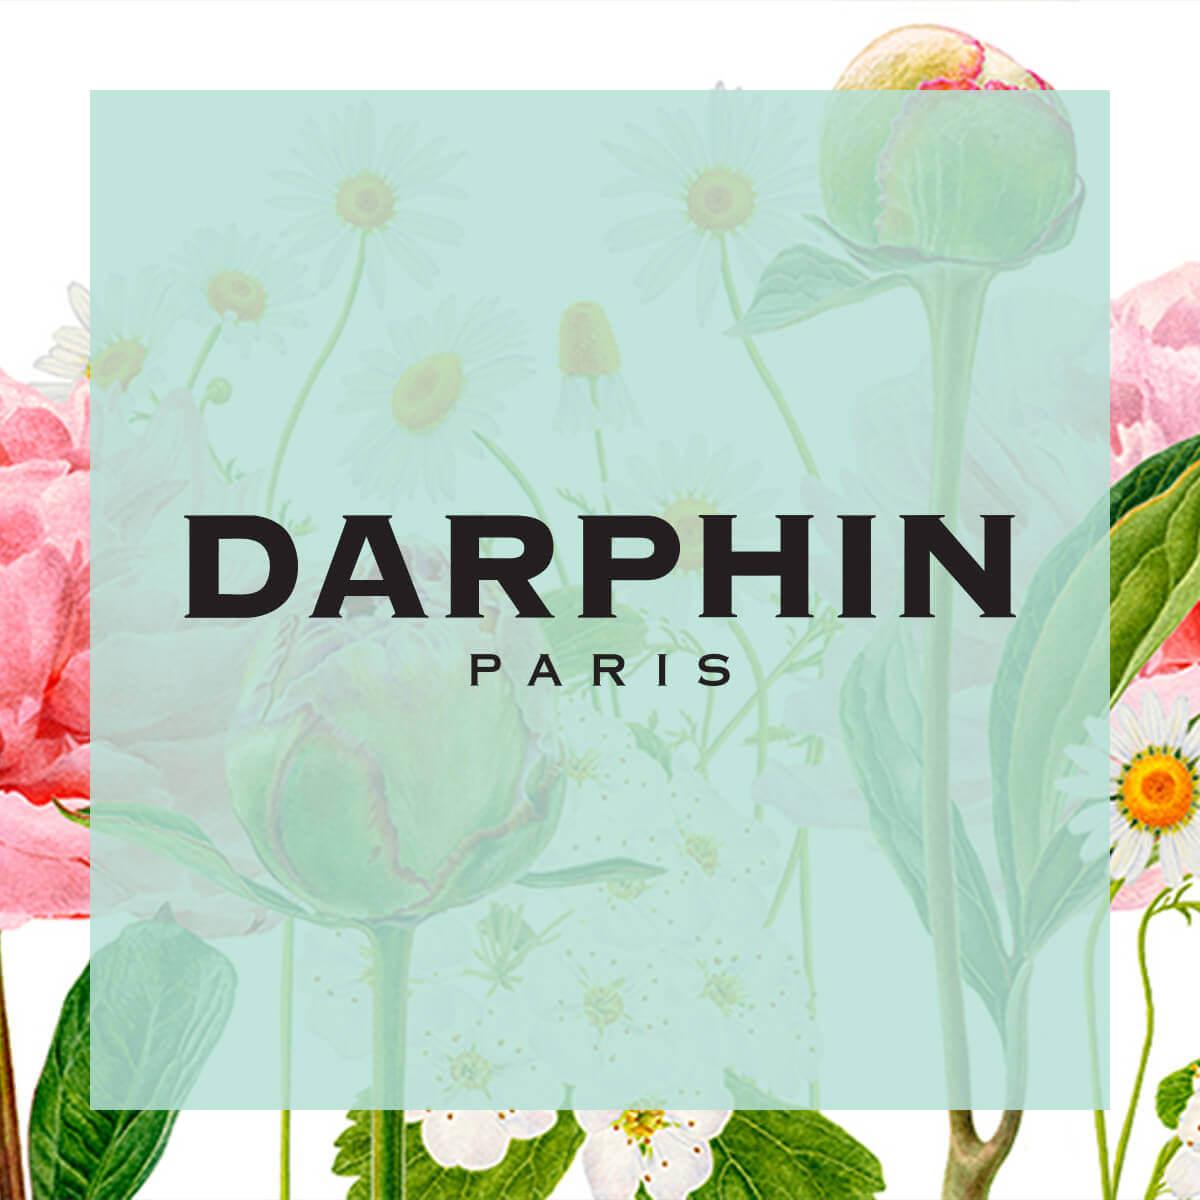 Darphin Website Redesign